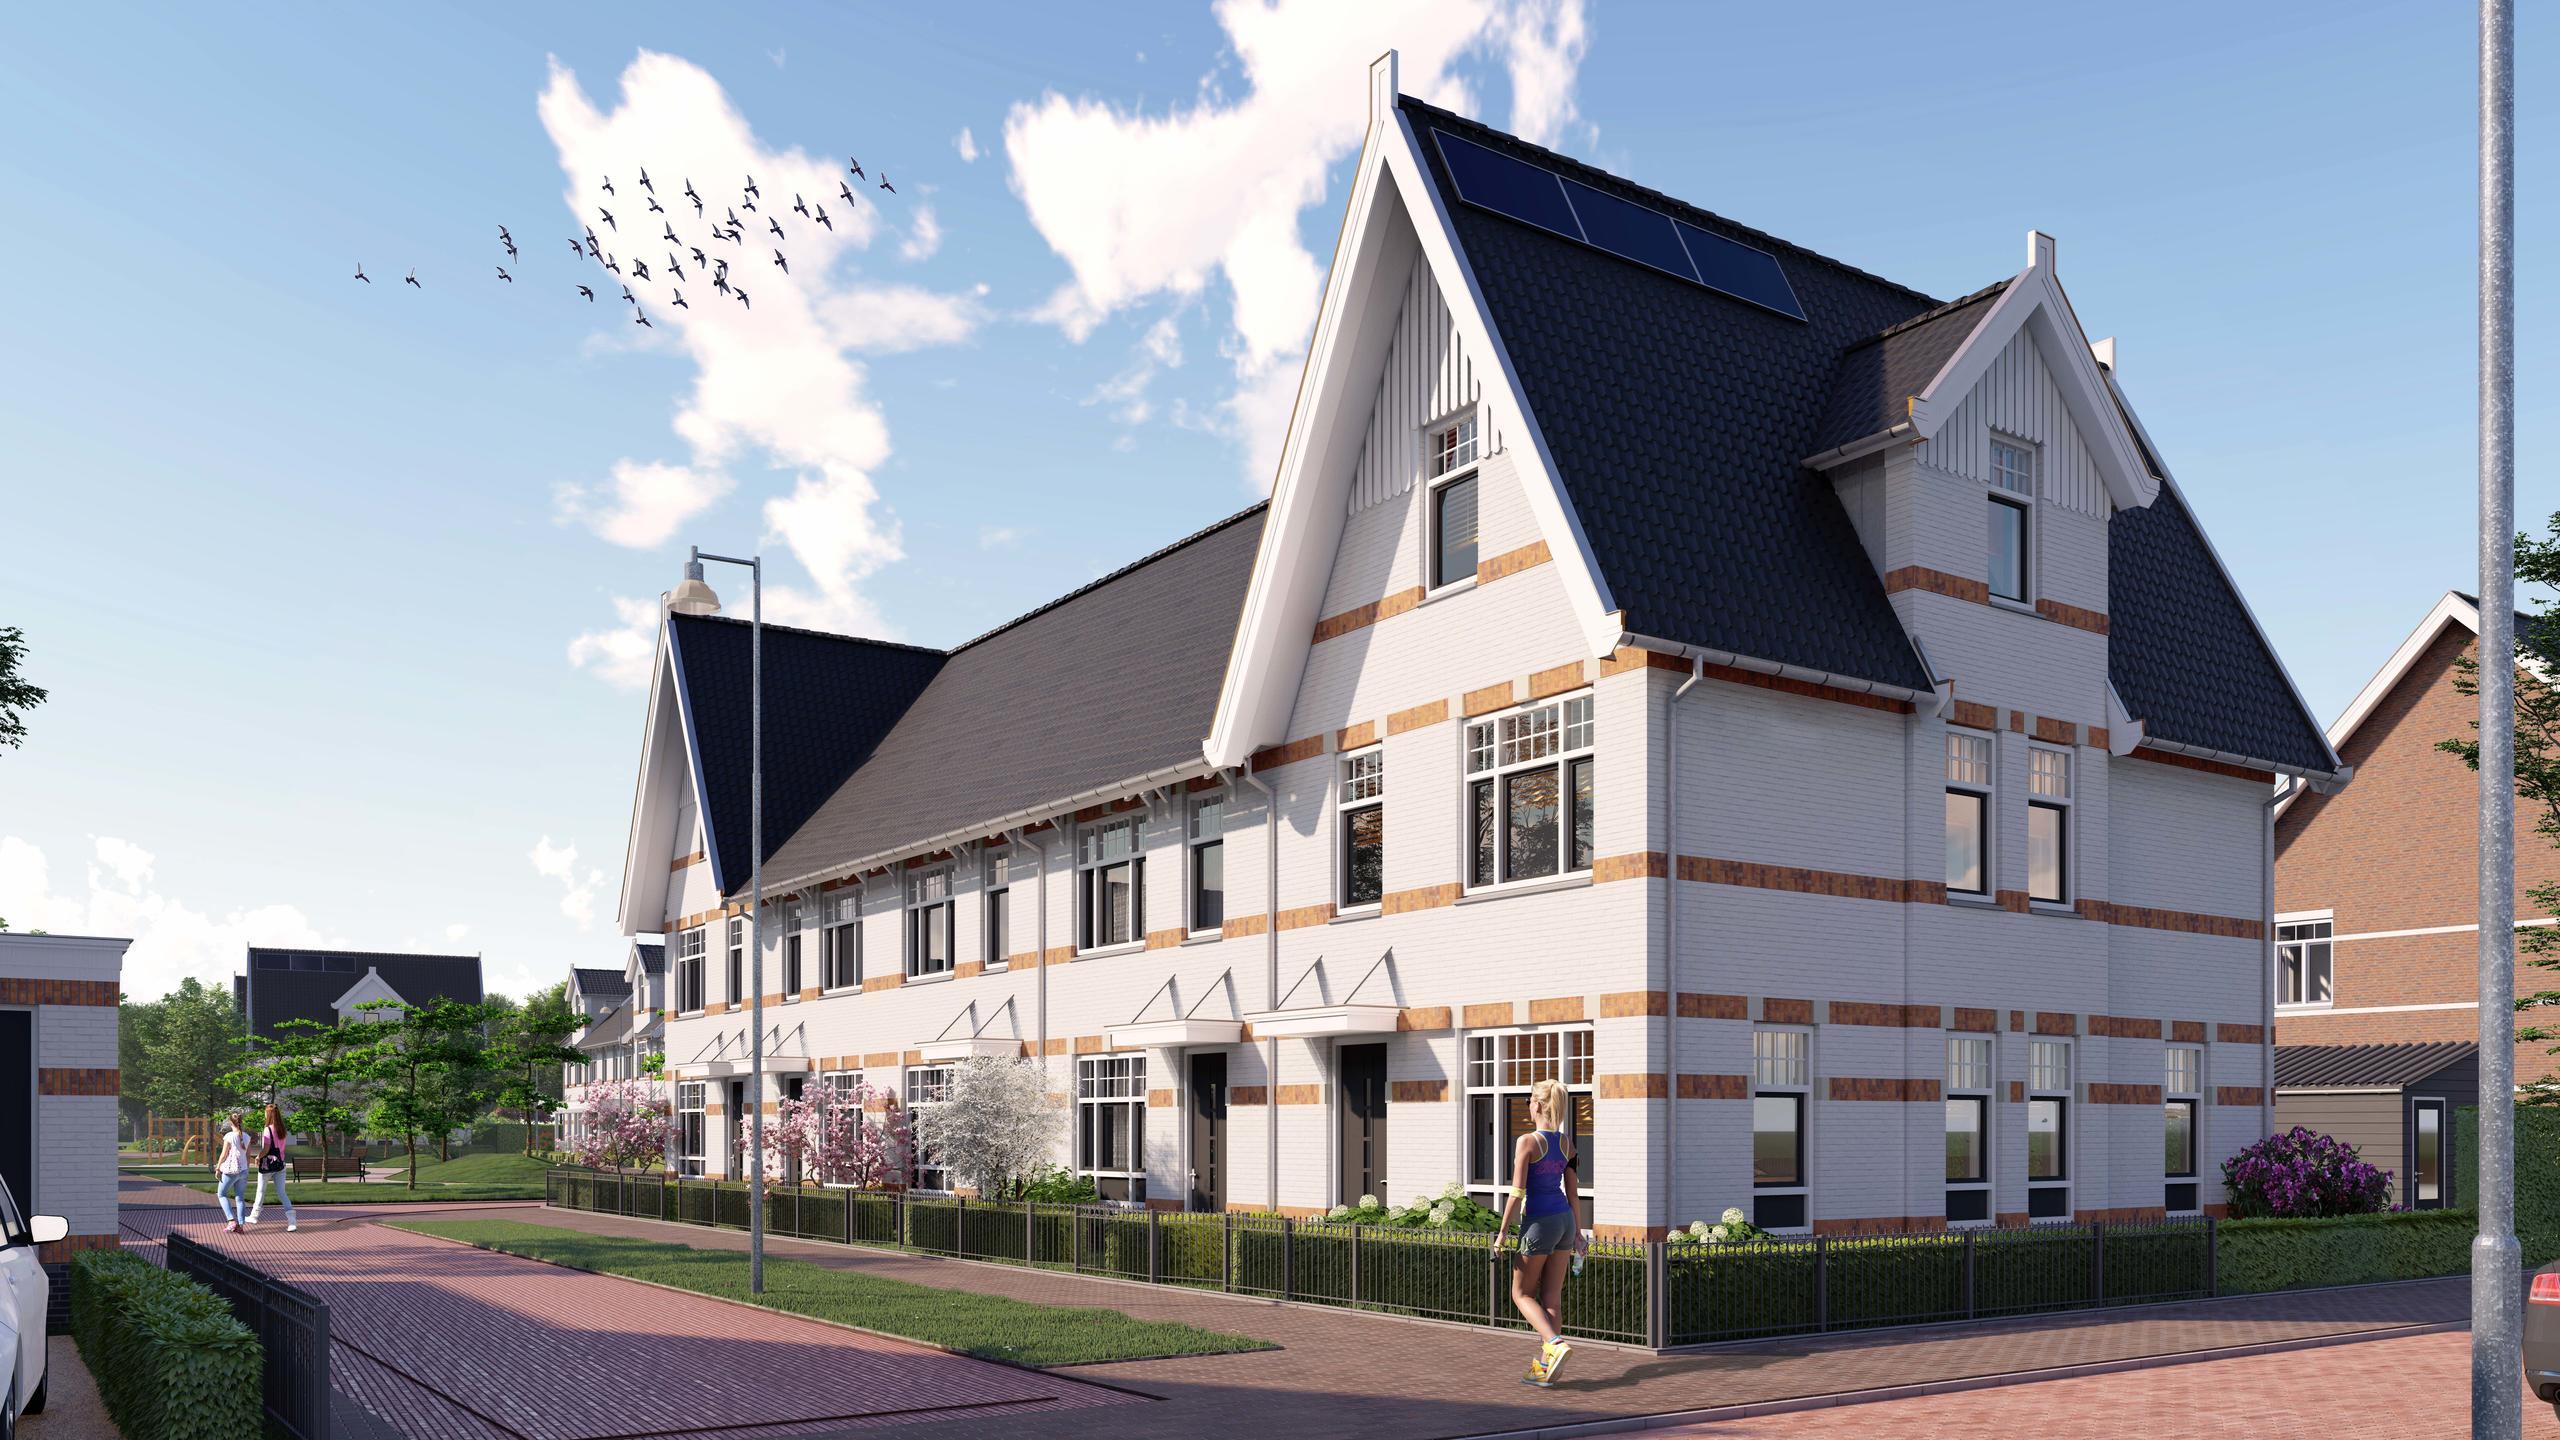 Lunshof makelaars Amstelveen en Amsterdam - Fort Blauwkapelhof 37  Weesp